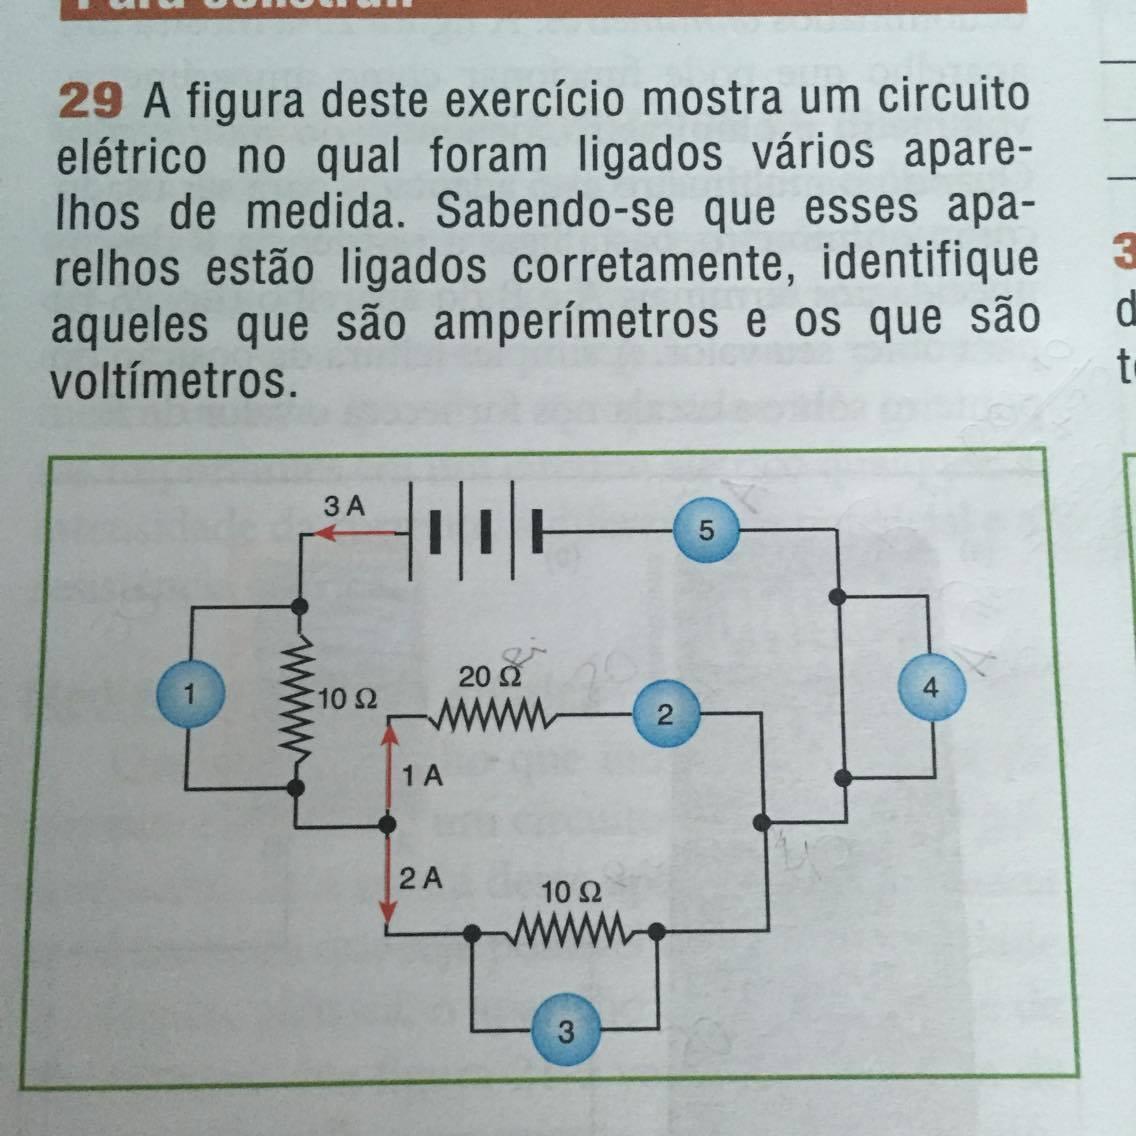 Circuito Eletrico : A figura desse exercício mostra um circuito elétrico no qual foram